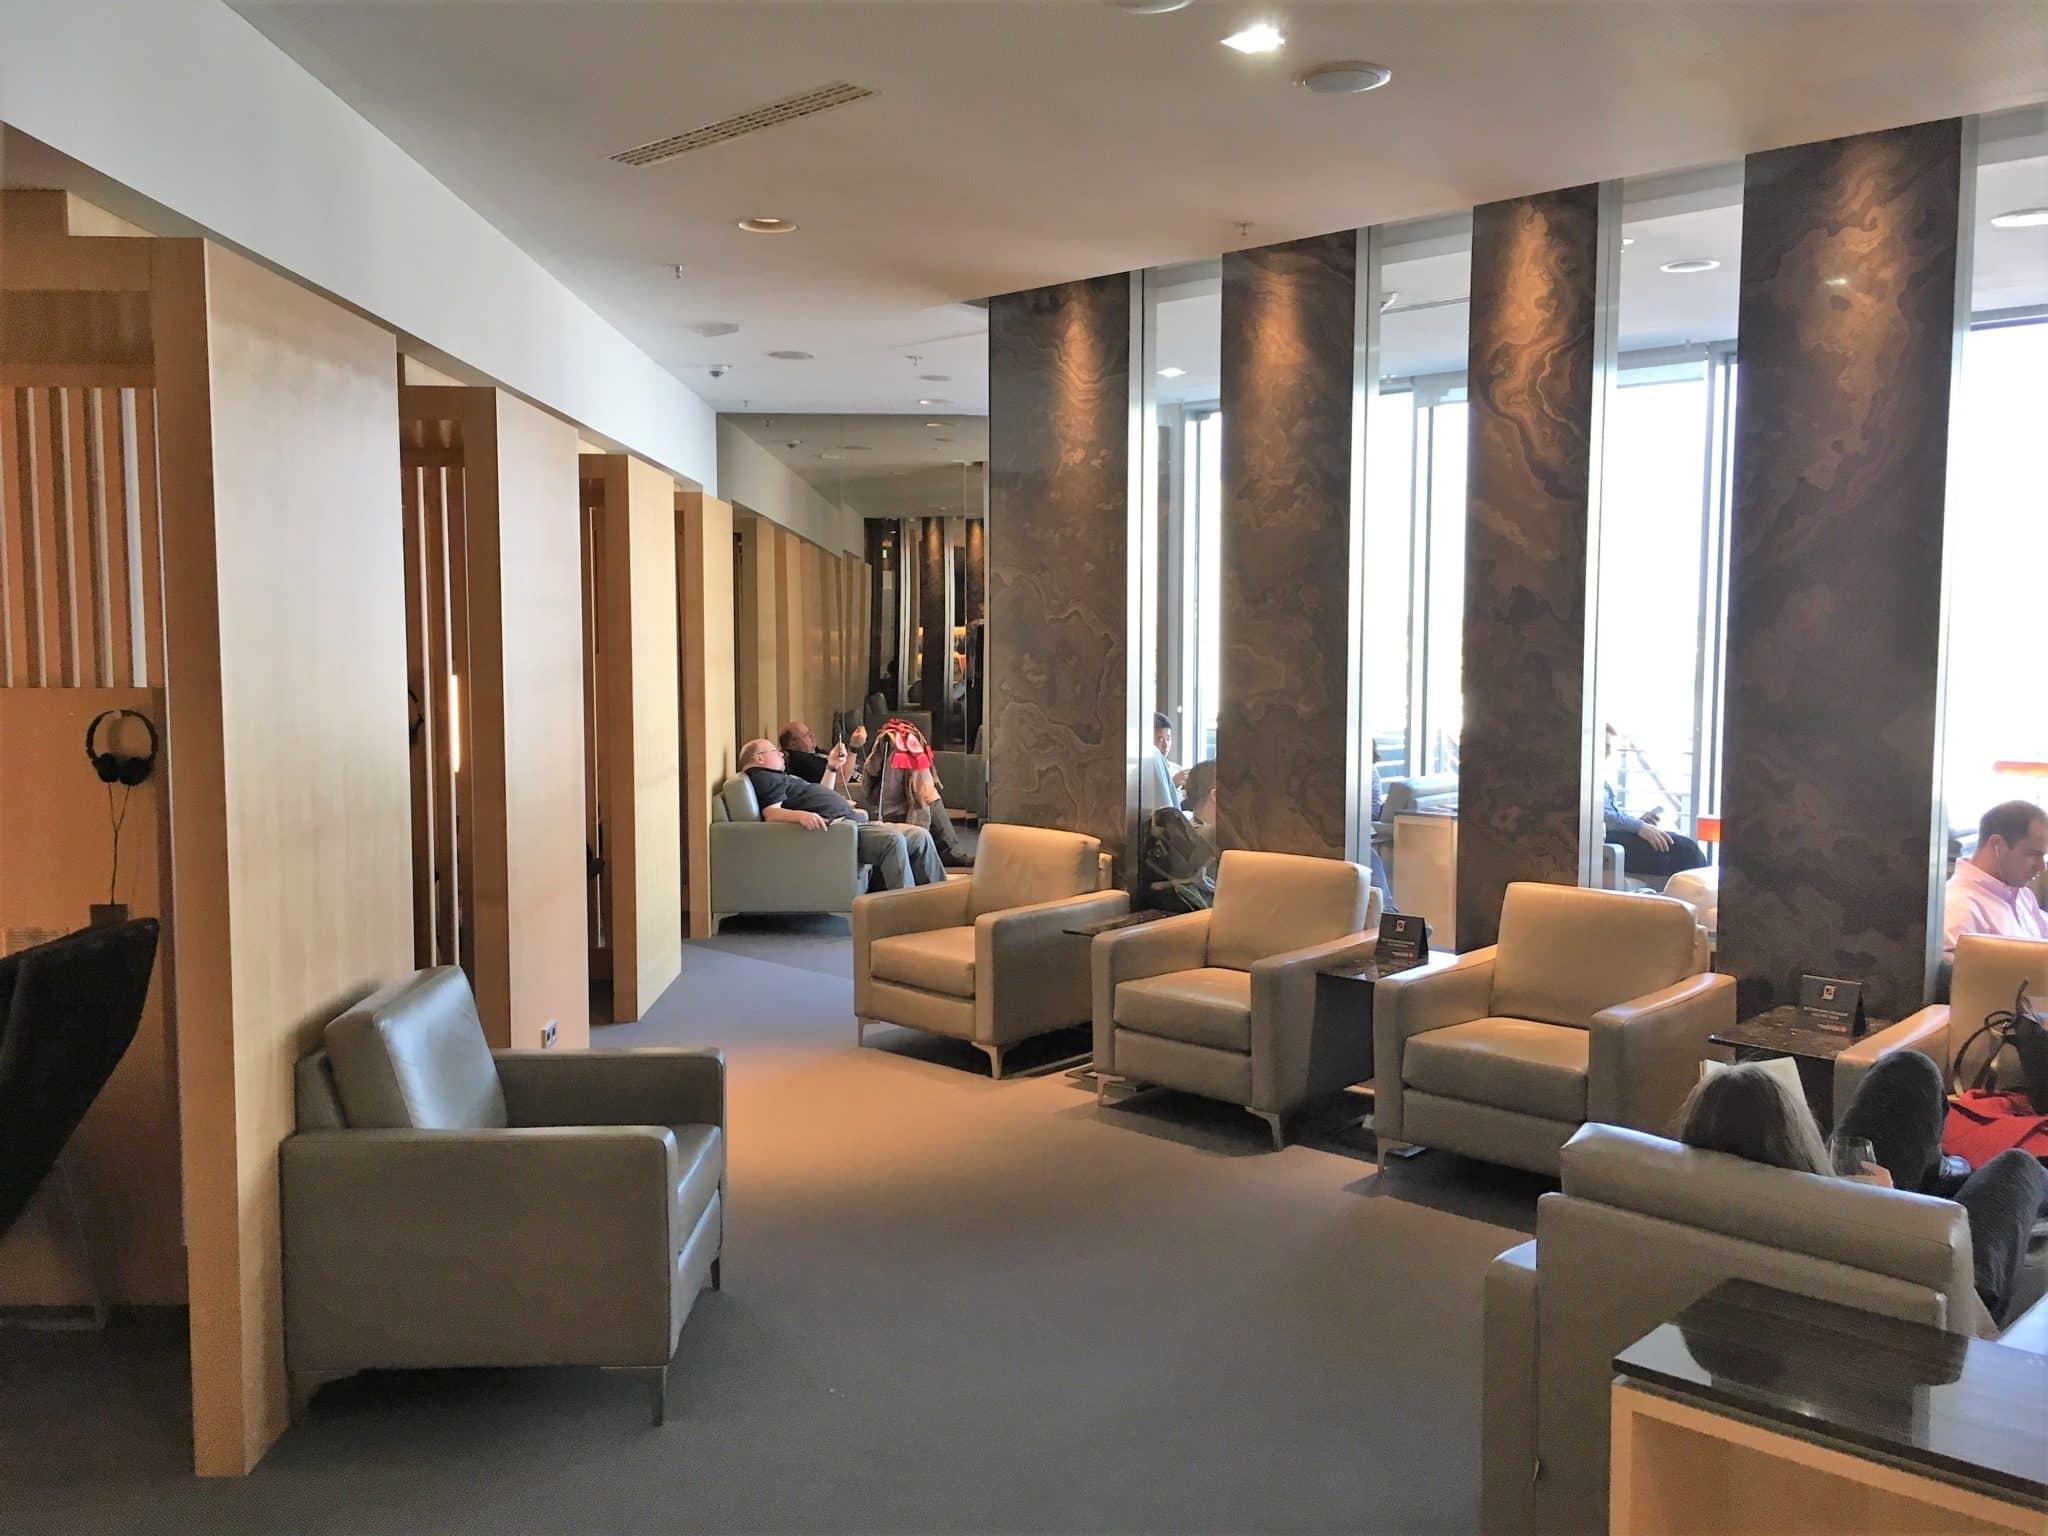 Air Canada Maple Leaf Lounge Frankfurt Sitzmöglichkeiten